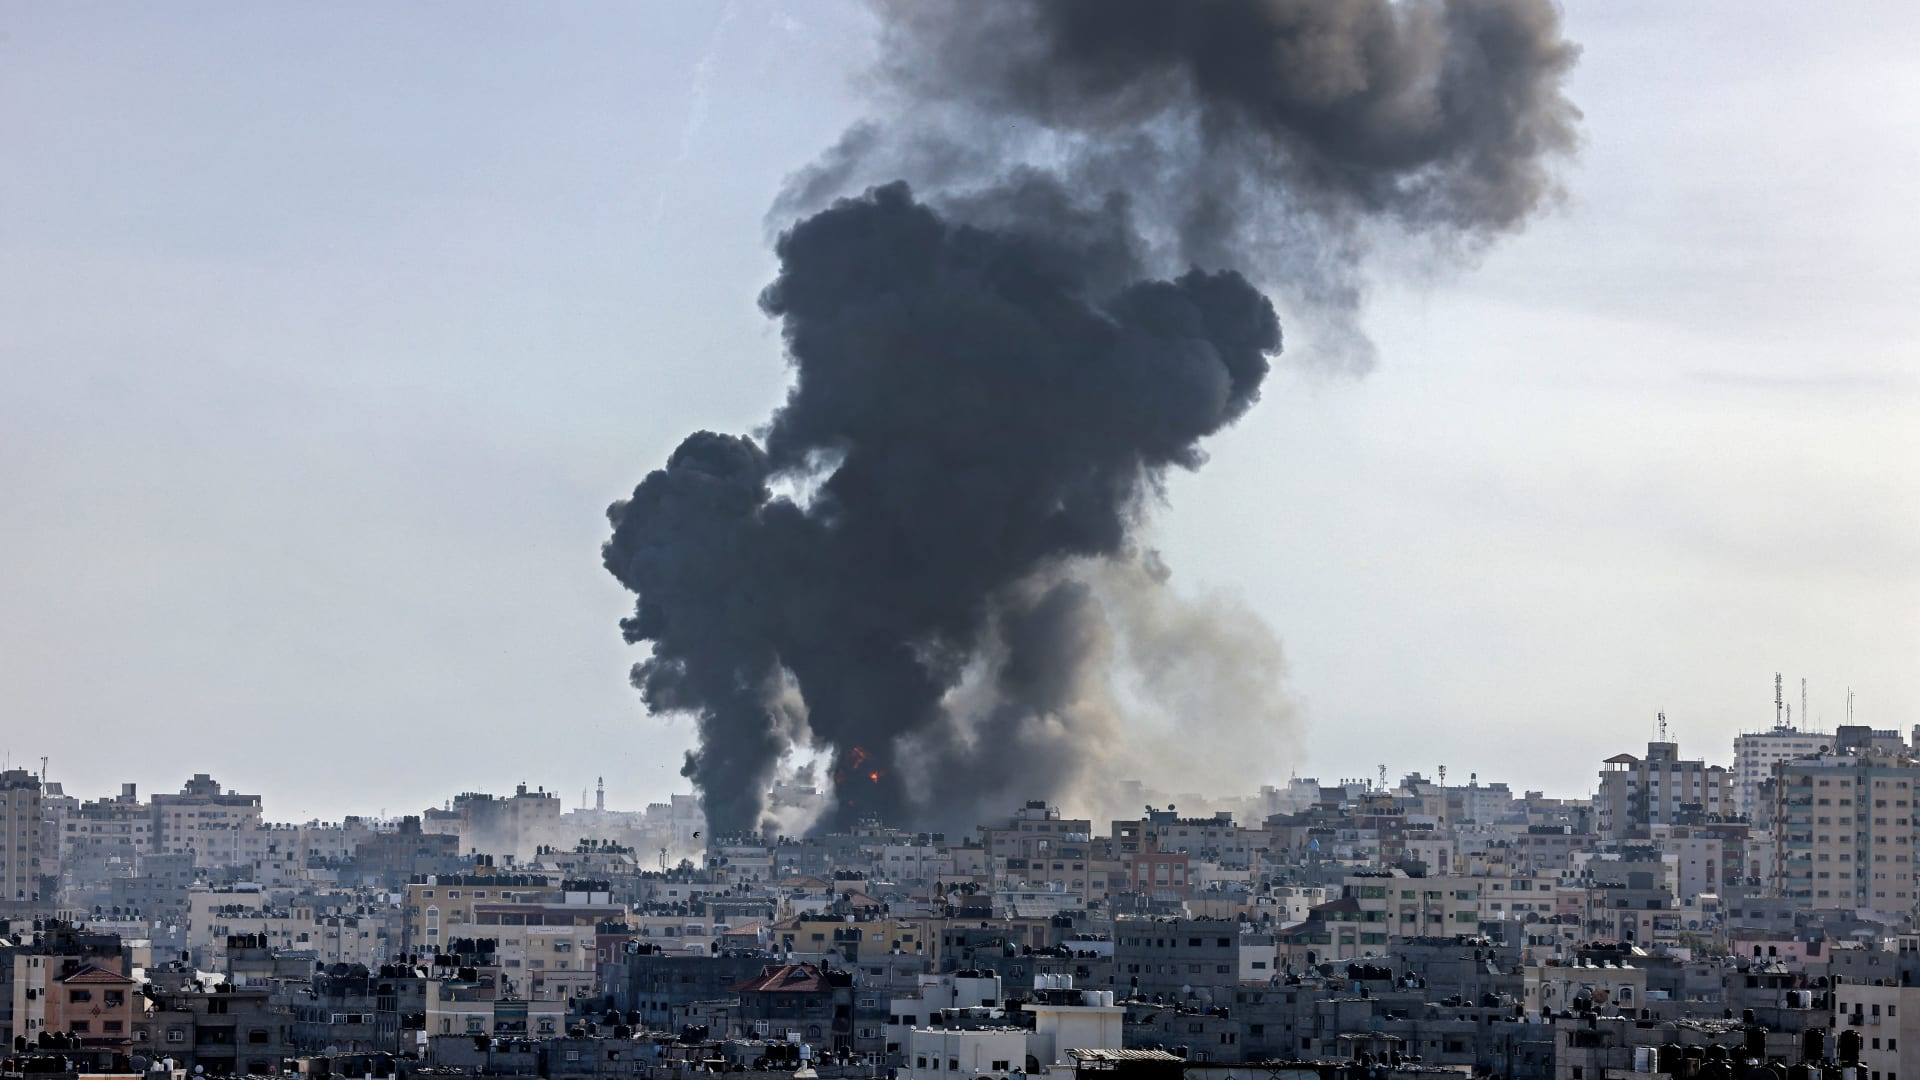 شاهد.. آثار تبادل إطلاق الصواريخ بين غزة وإسرائيل